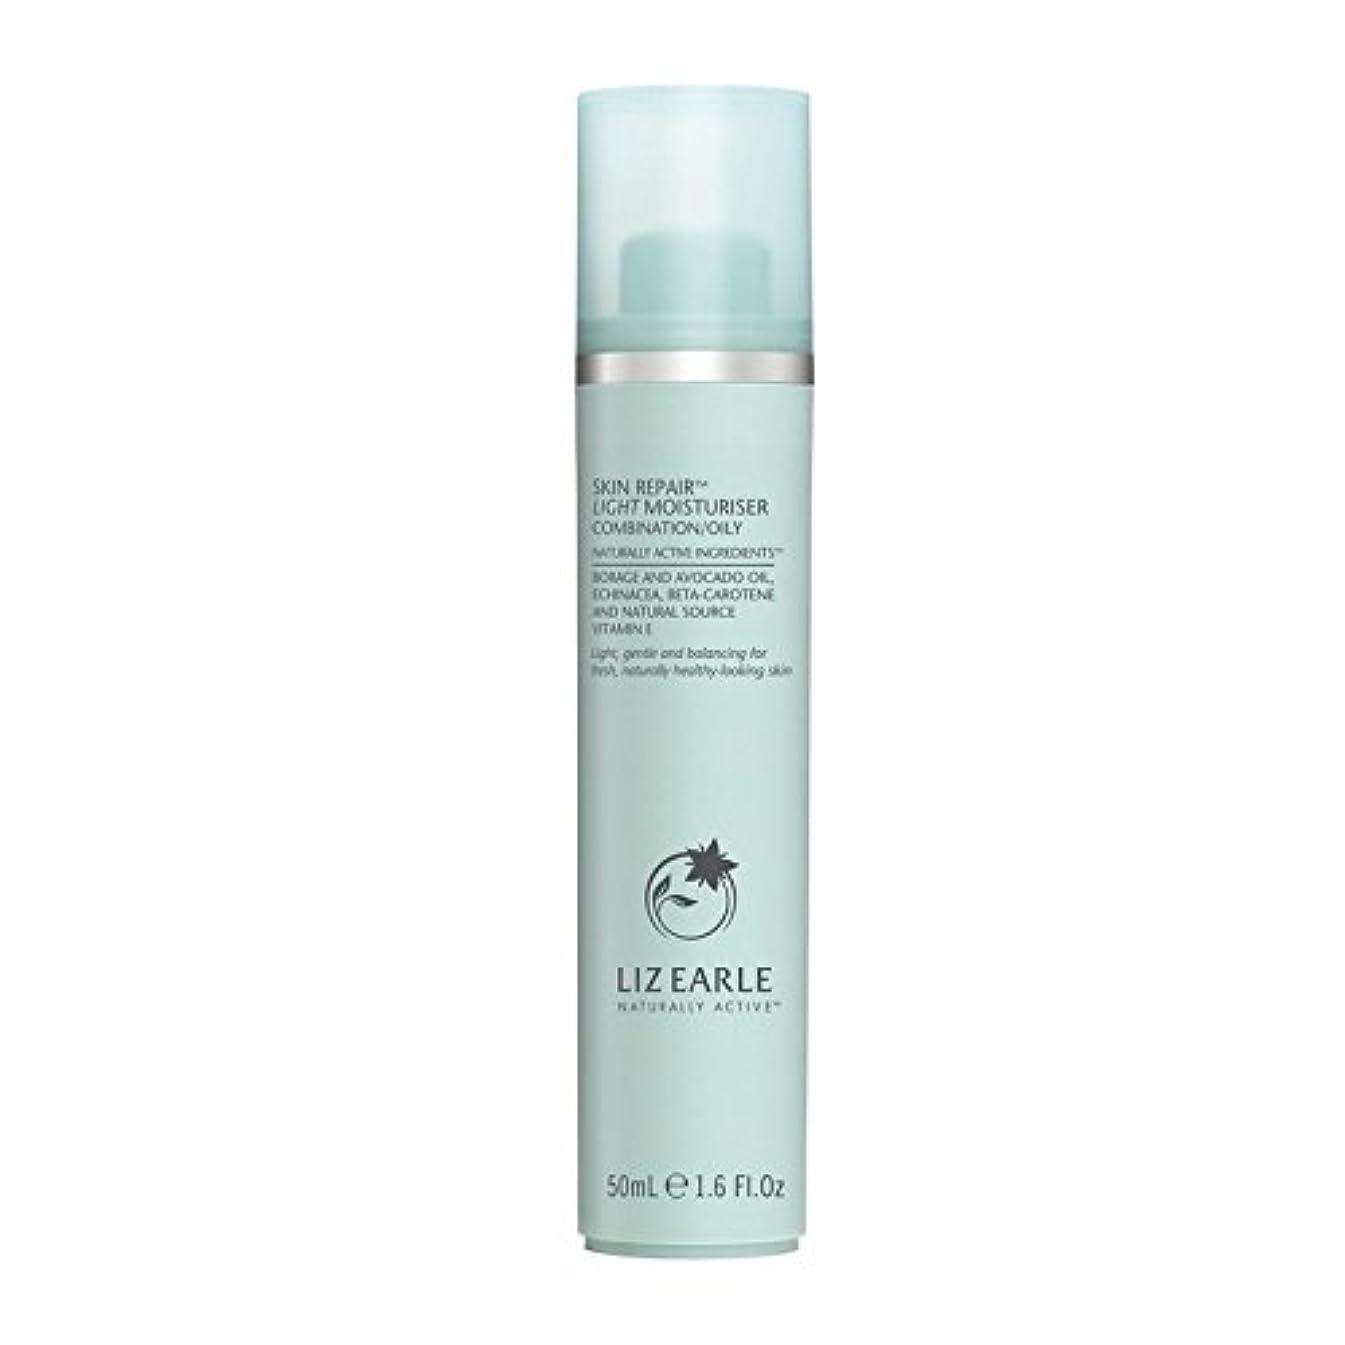 ヒップゲインセイ魅惑的なリズアールスキンリペア光の保湿剤の組み合わせ/油性50ミリリットル x2 - Liz Earle Skin Repair Light Moisturiser Combination/Oily 50ml (Pack of...